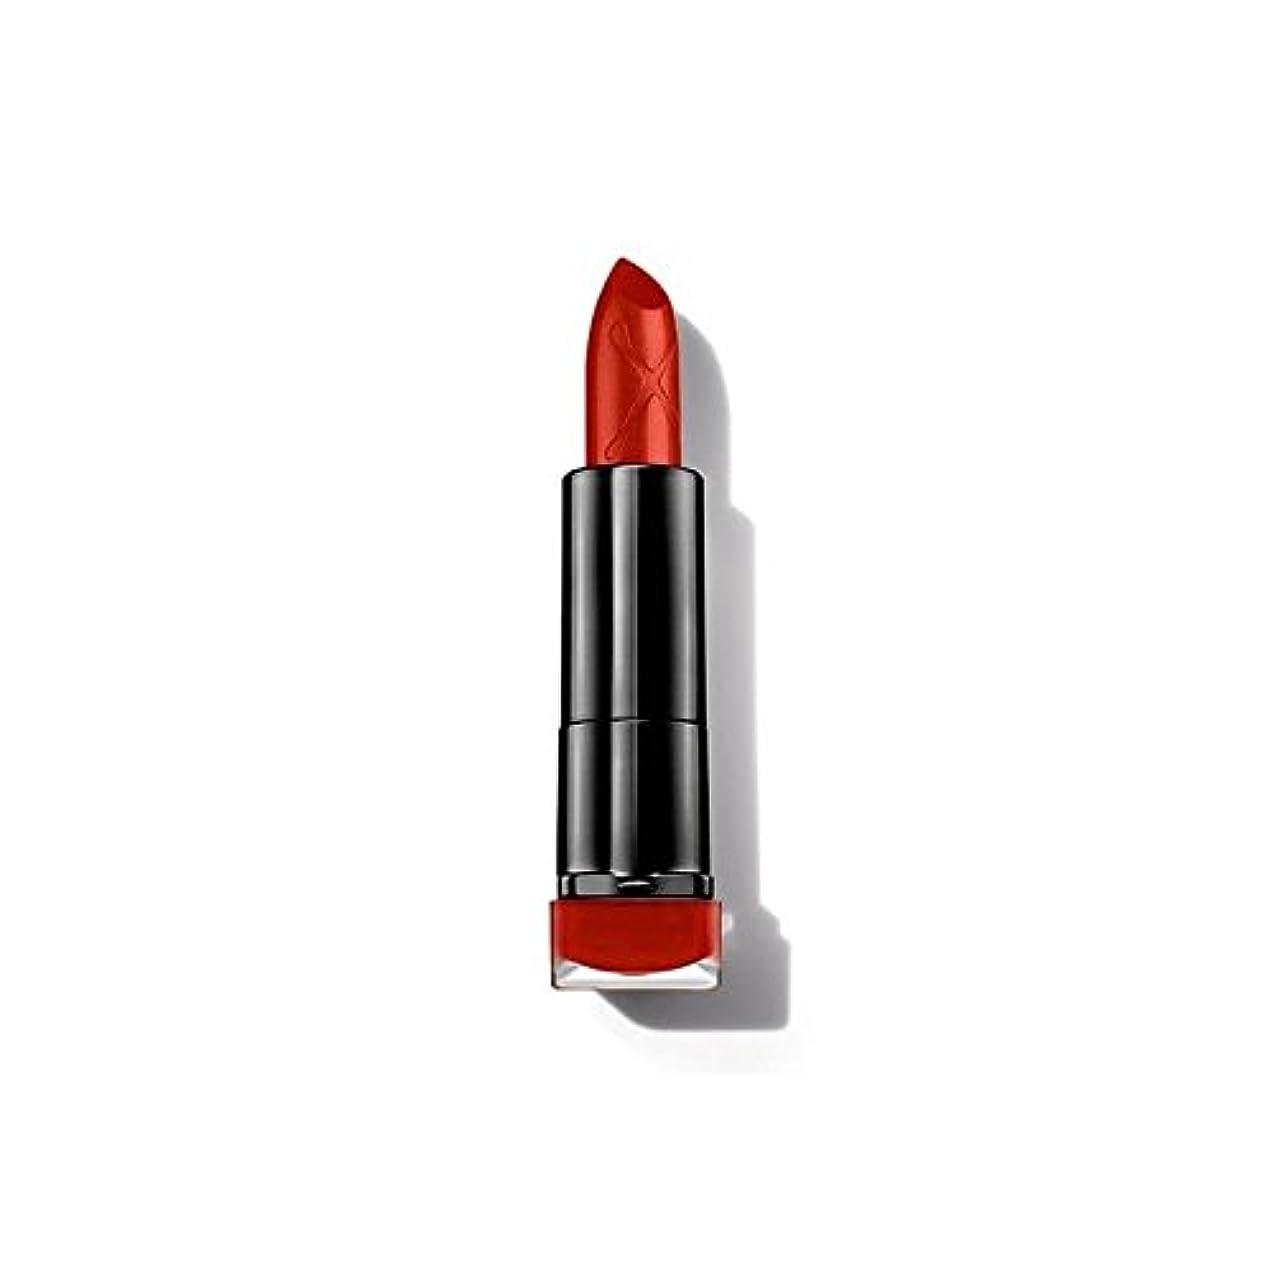 怒る抜粋尊厳マックスファクターカラーエリキシルマット弾丸口紅の願望30 x2 - Max Factor Colour Elixir Matte Bullet Lipstick Desire 30 (Pack of 2) [並行輸入品]